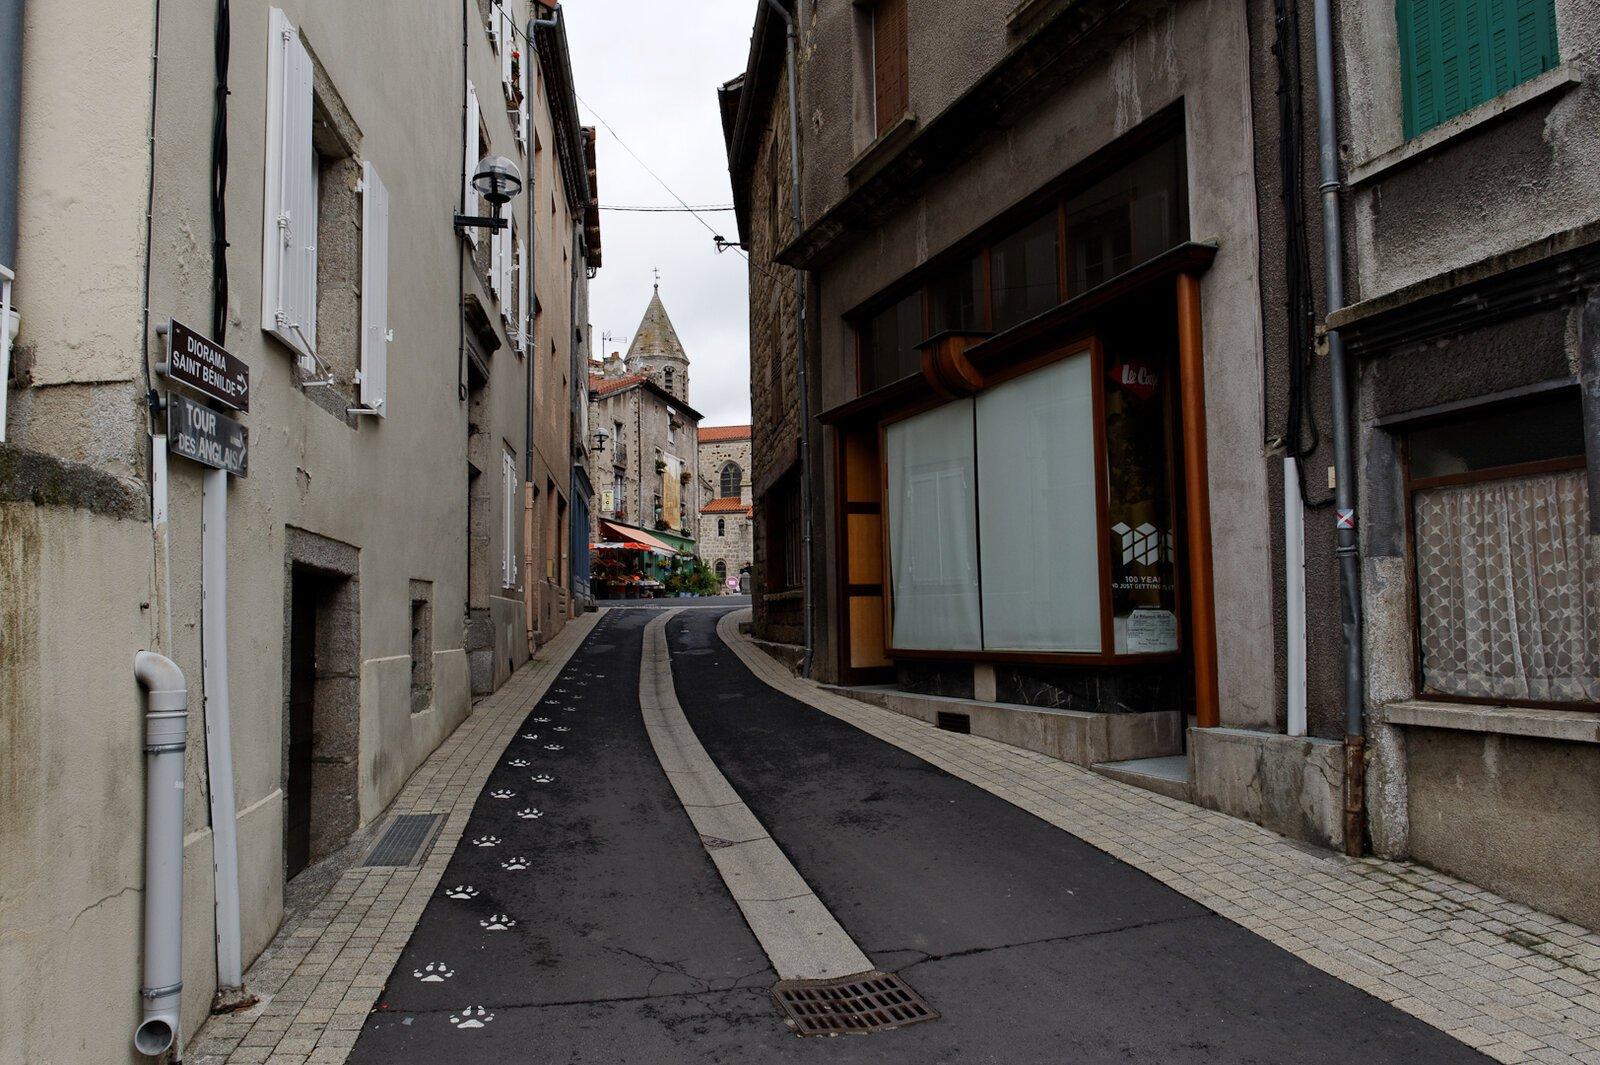 2011-Alleyras_2011-07-19_11-24-55_01093_DxO.jpg